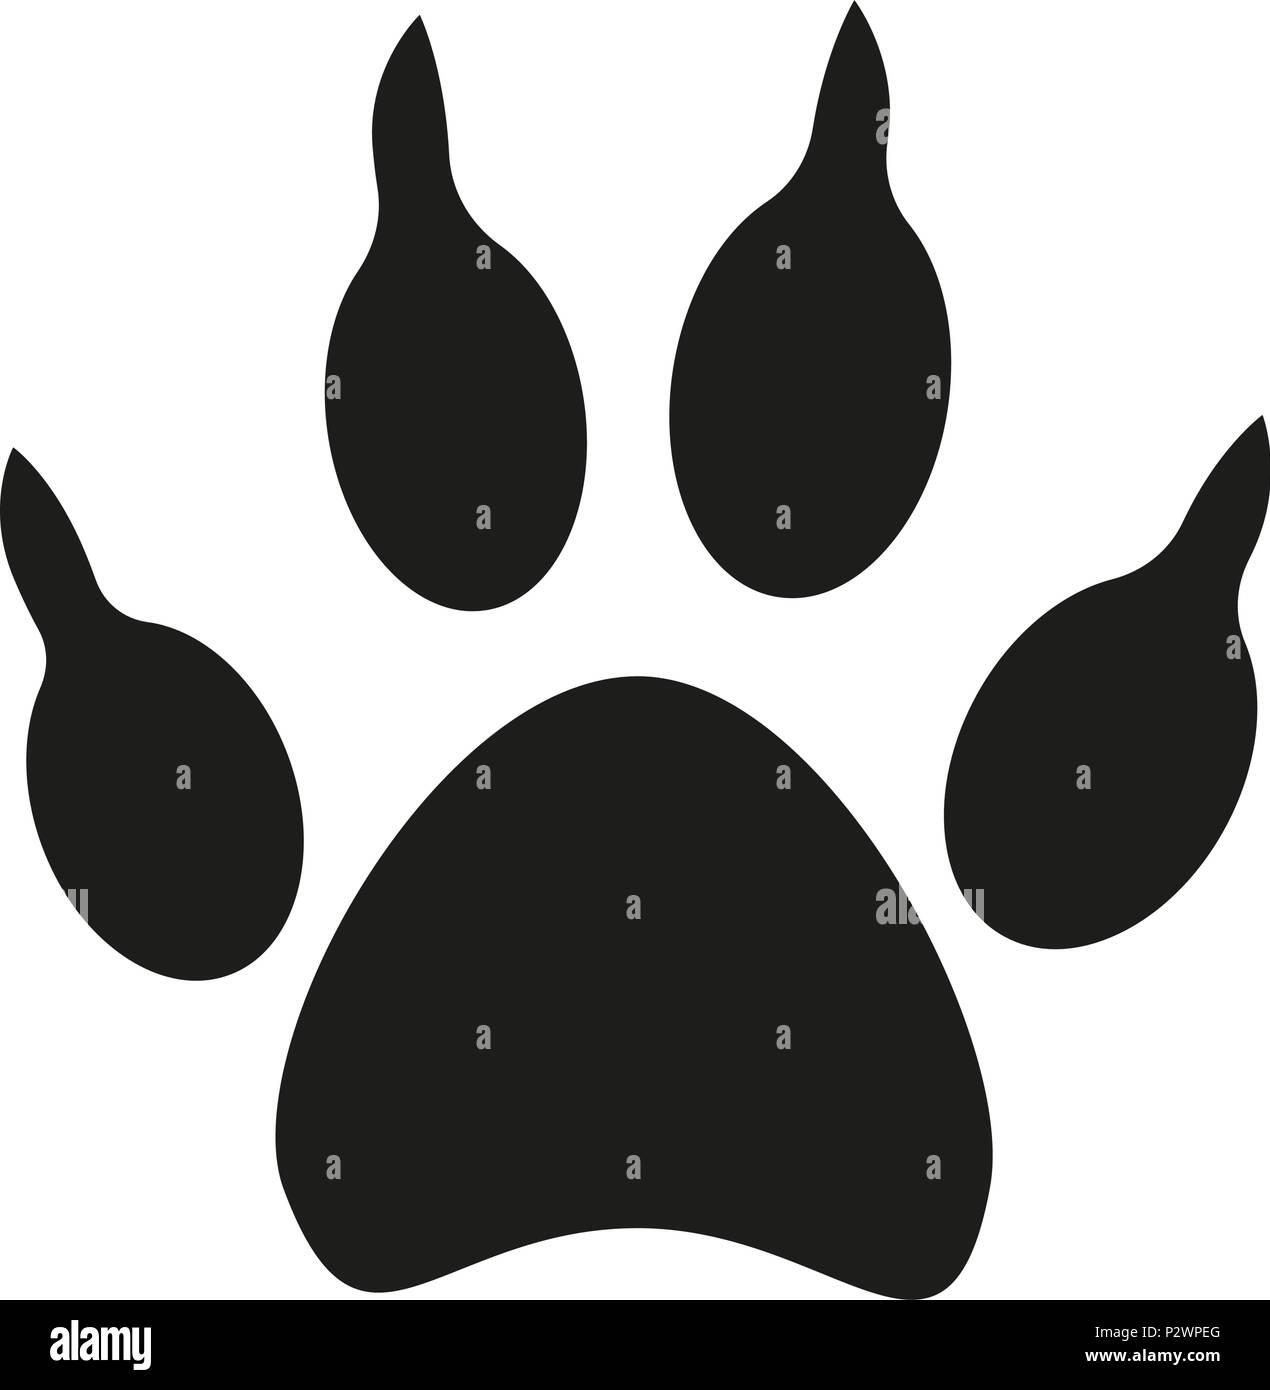 Chien Noir Et Blanc Silhouette Empreinte De Patte Vecteurs